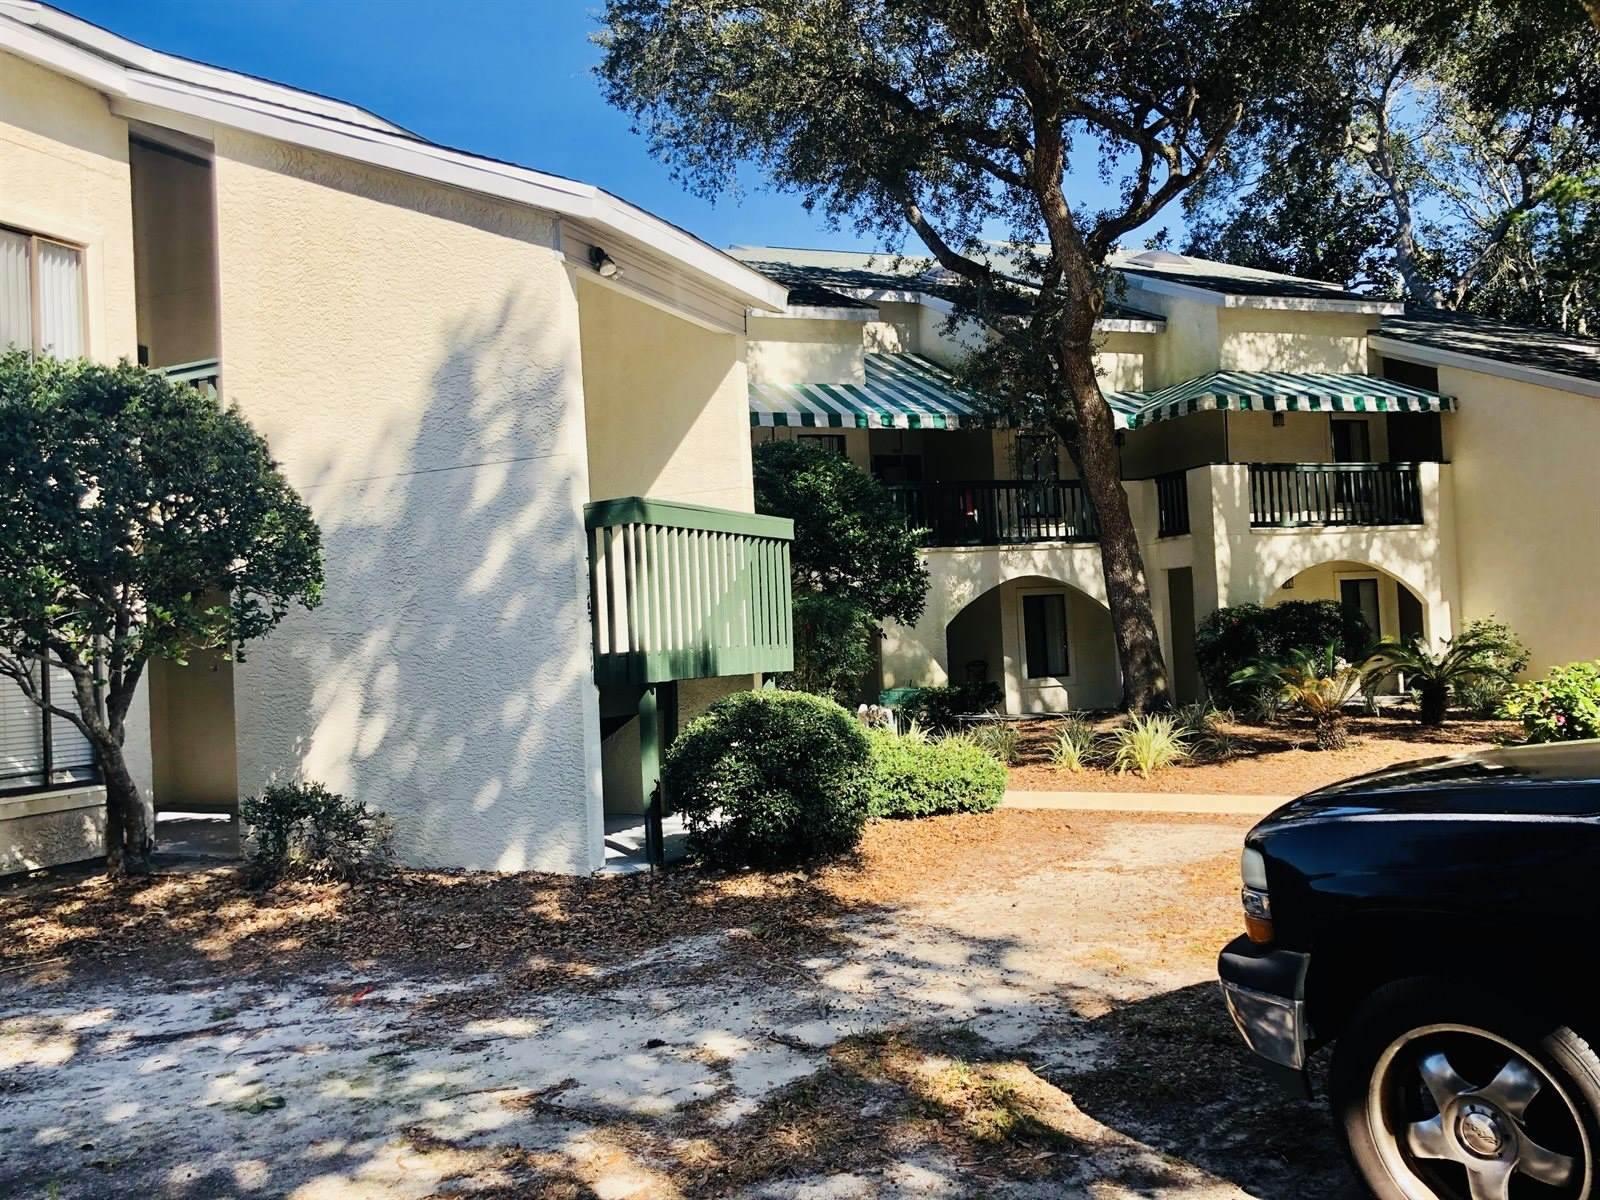 207 Westlake Court, #207, Niceville, FL 32578